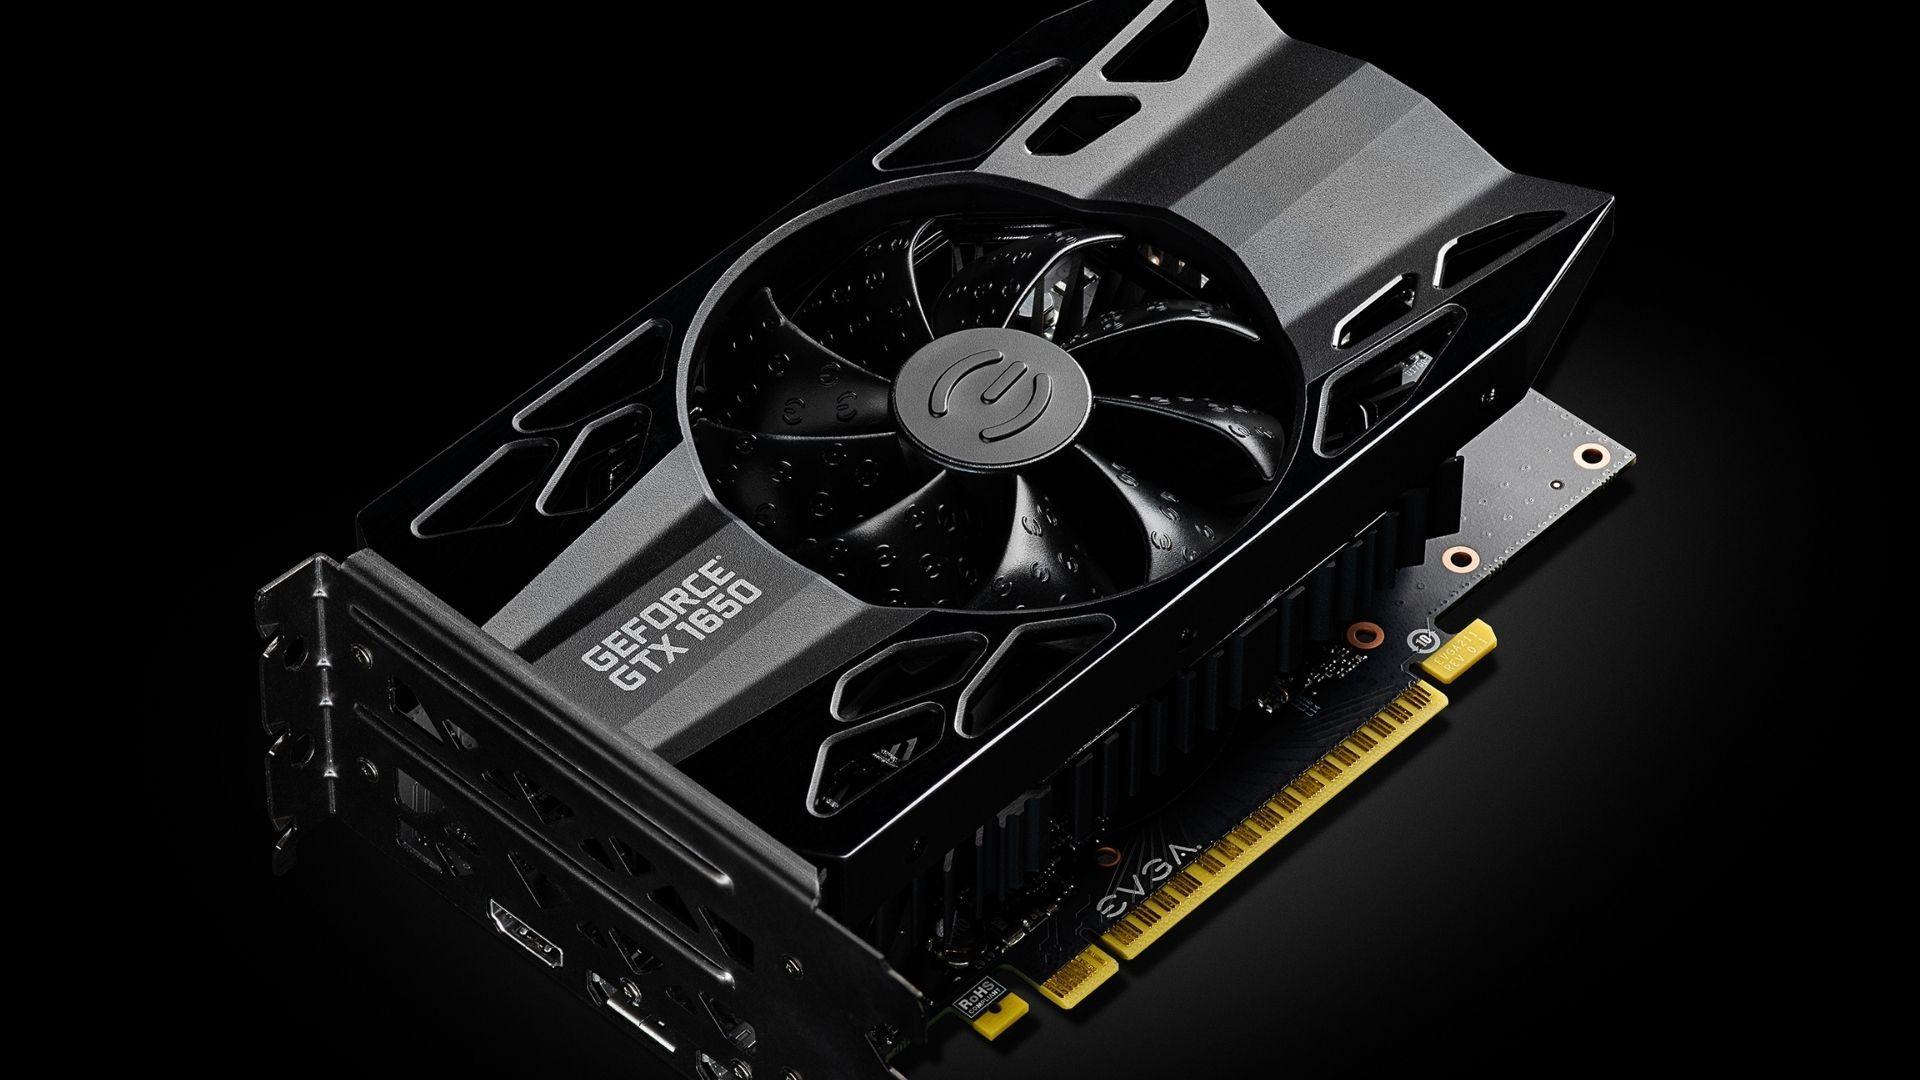 NVIDIA GeForce GTX 1650 tem melhor desempenho do que a GTX 1050 Ti (Foto: NVIDIA)